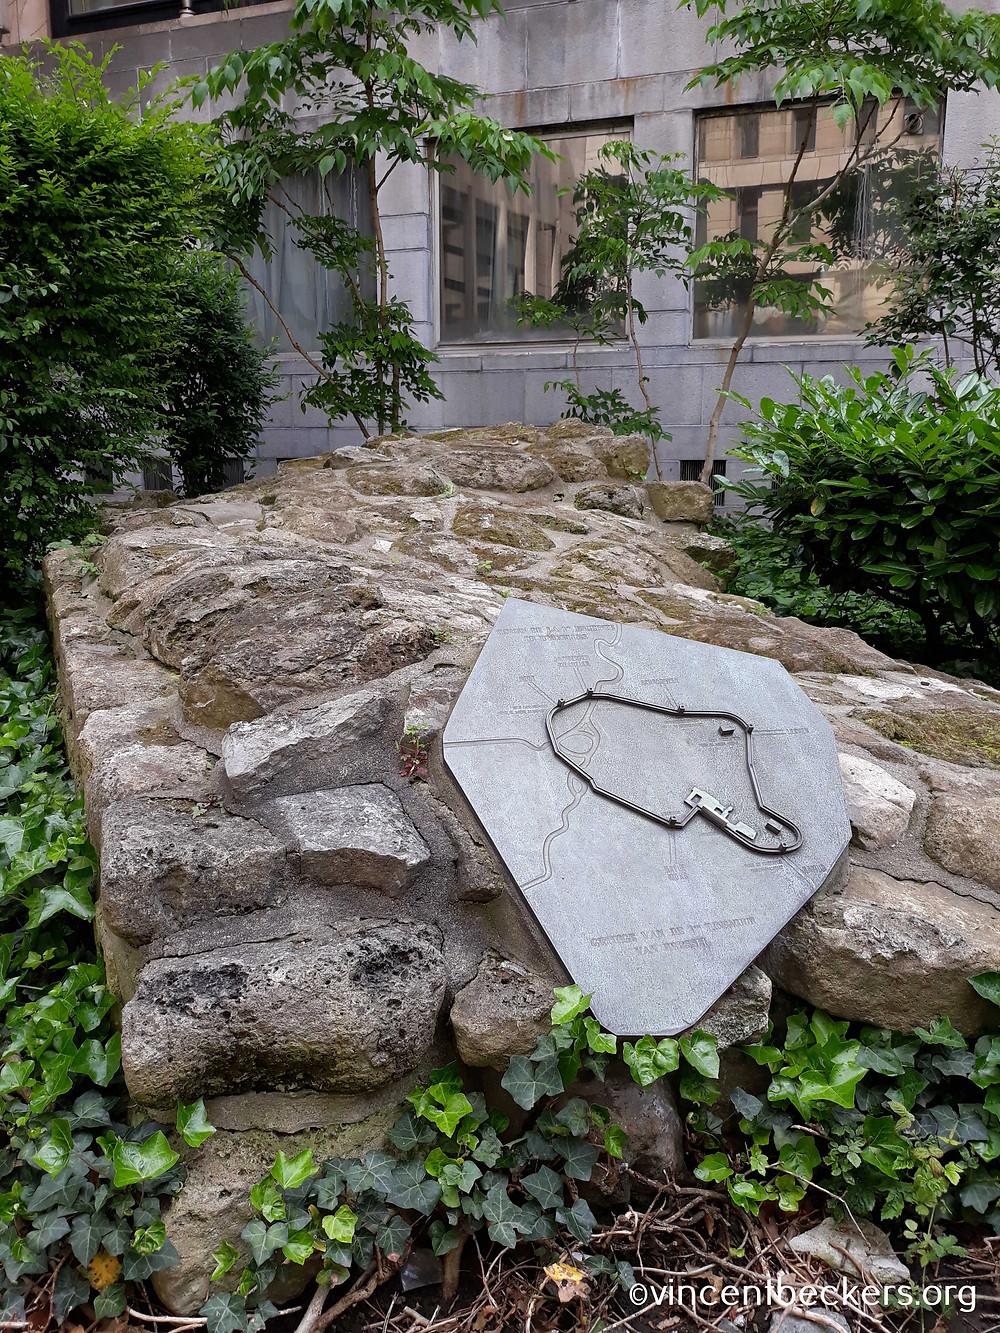 rue de Ruysbroeck, coeur historique de Bruxelles, visite guidée Bruxelles, centre historique Bruxelles, Vincent Beckers